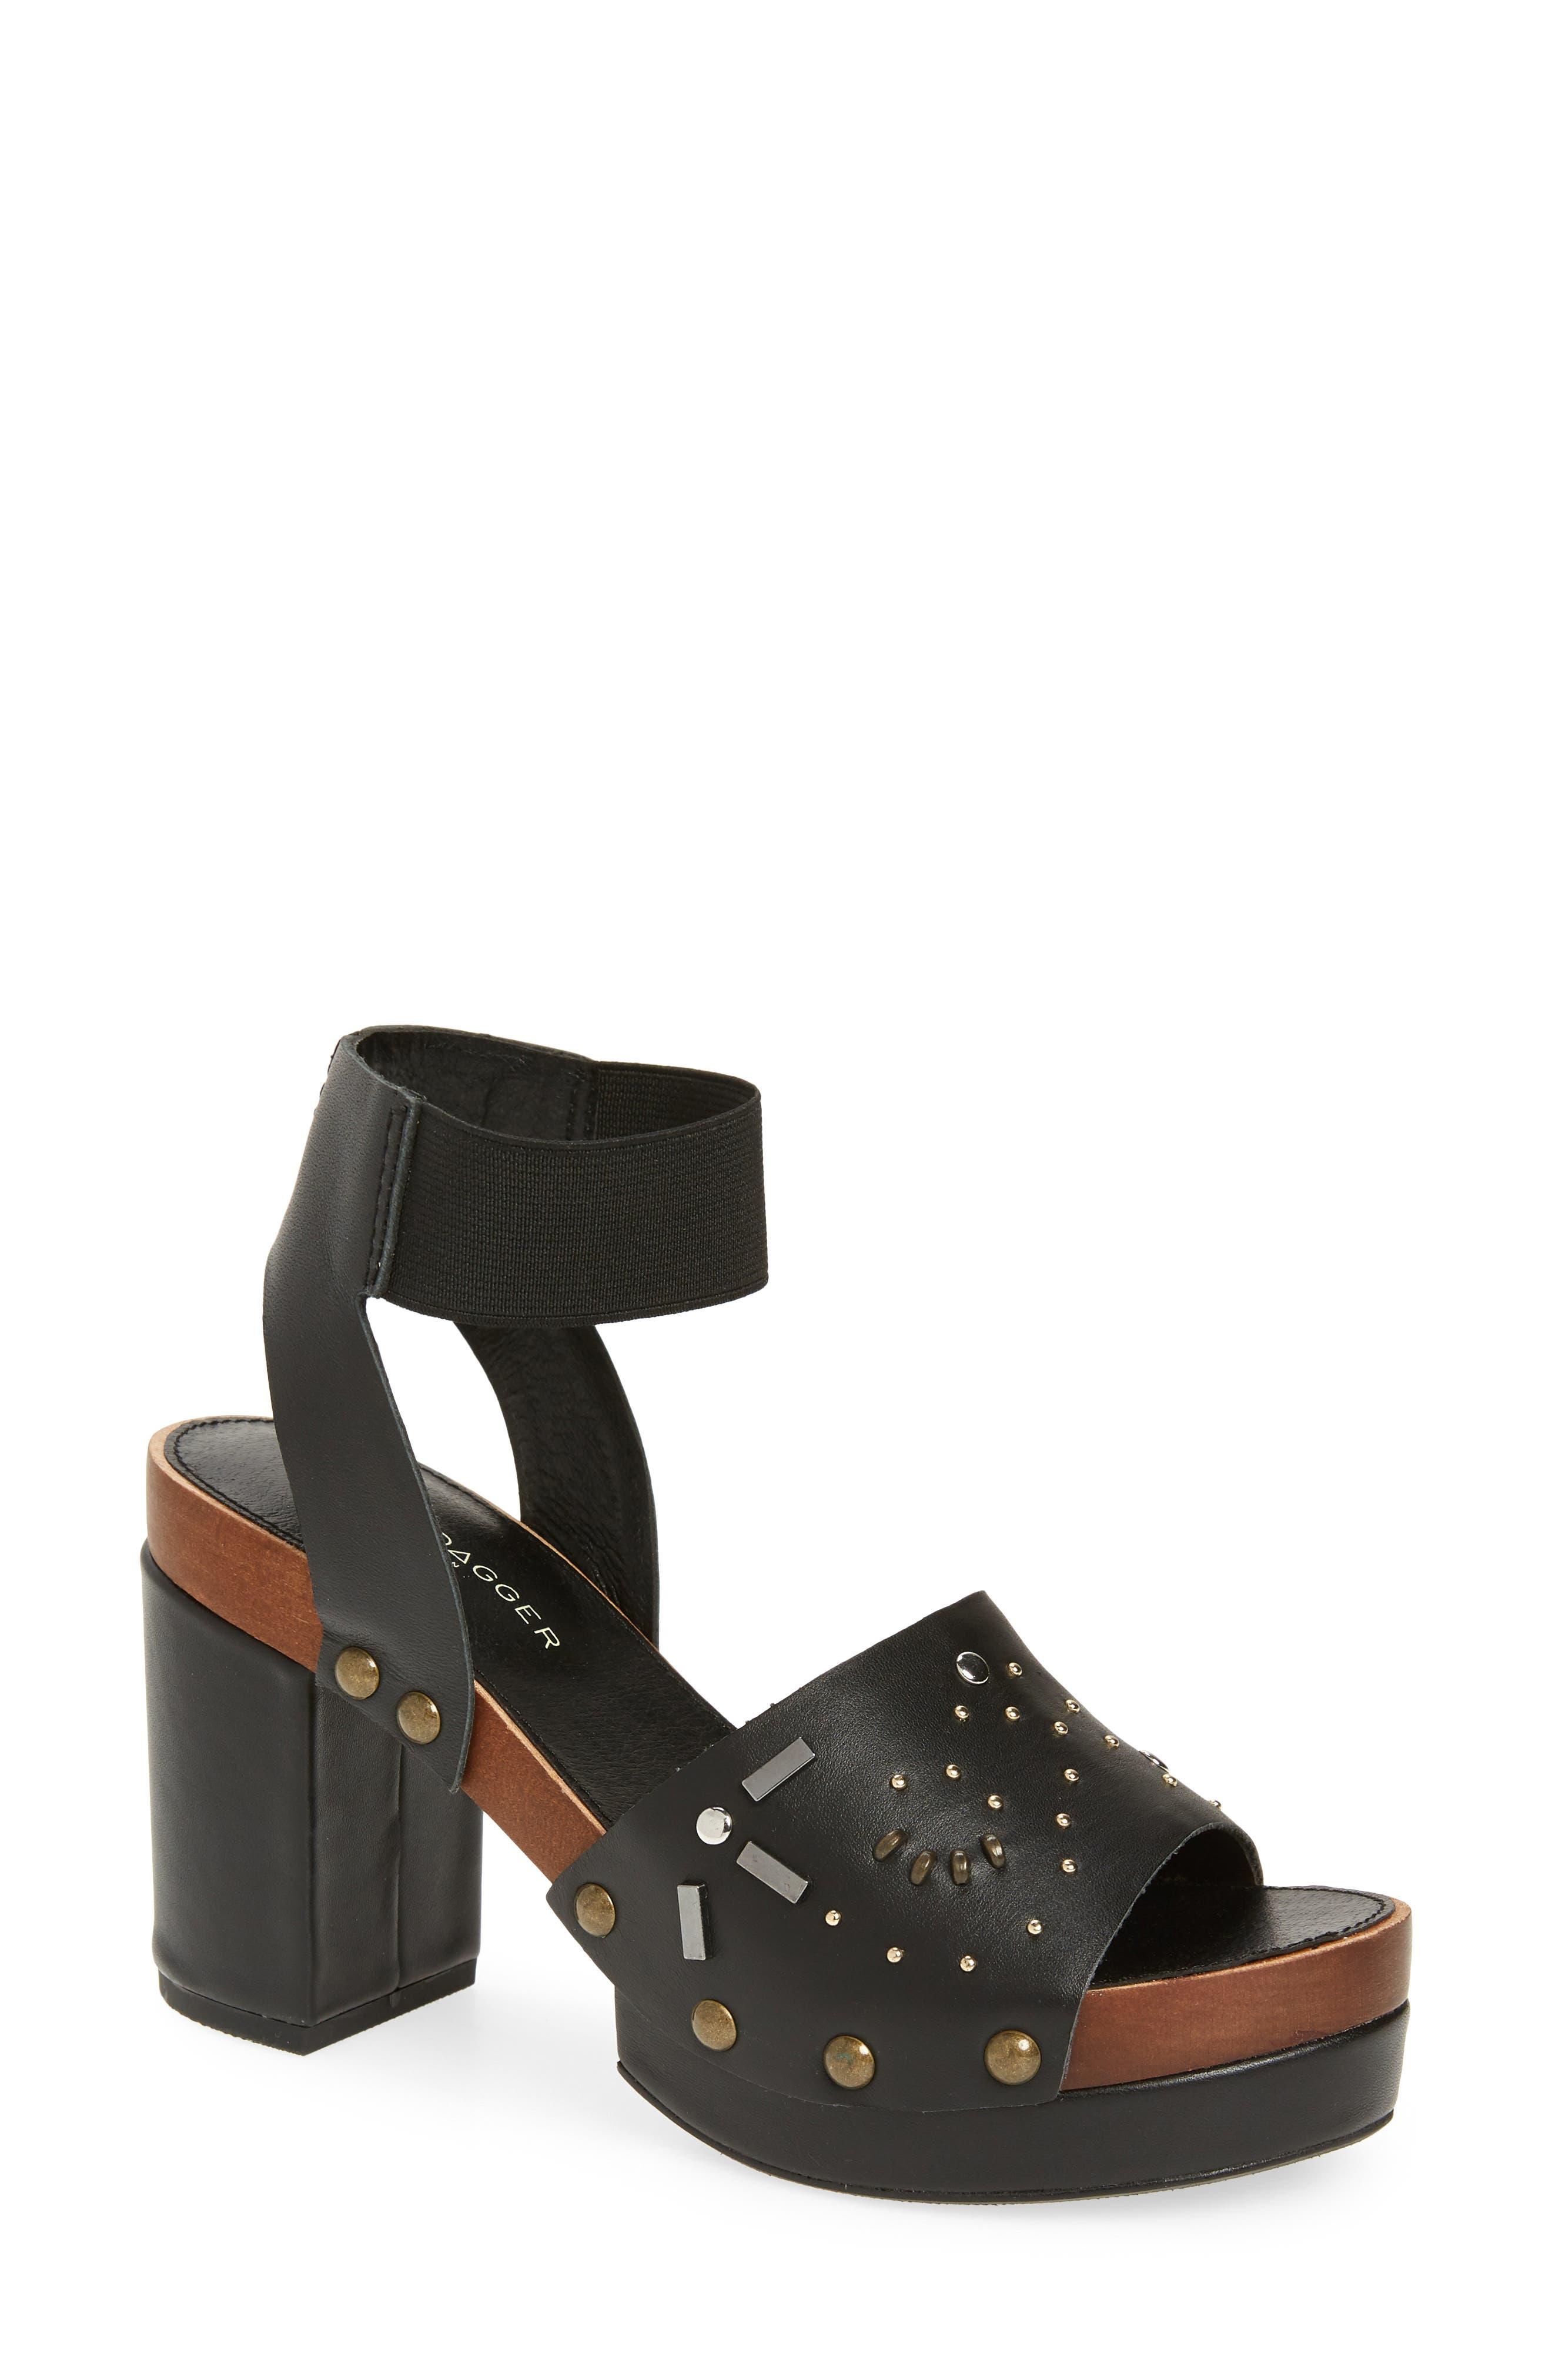 58f1777f6f0 Kelsi Dagger Brooklyn Block-Heel Sandals for Women